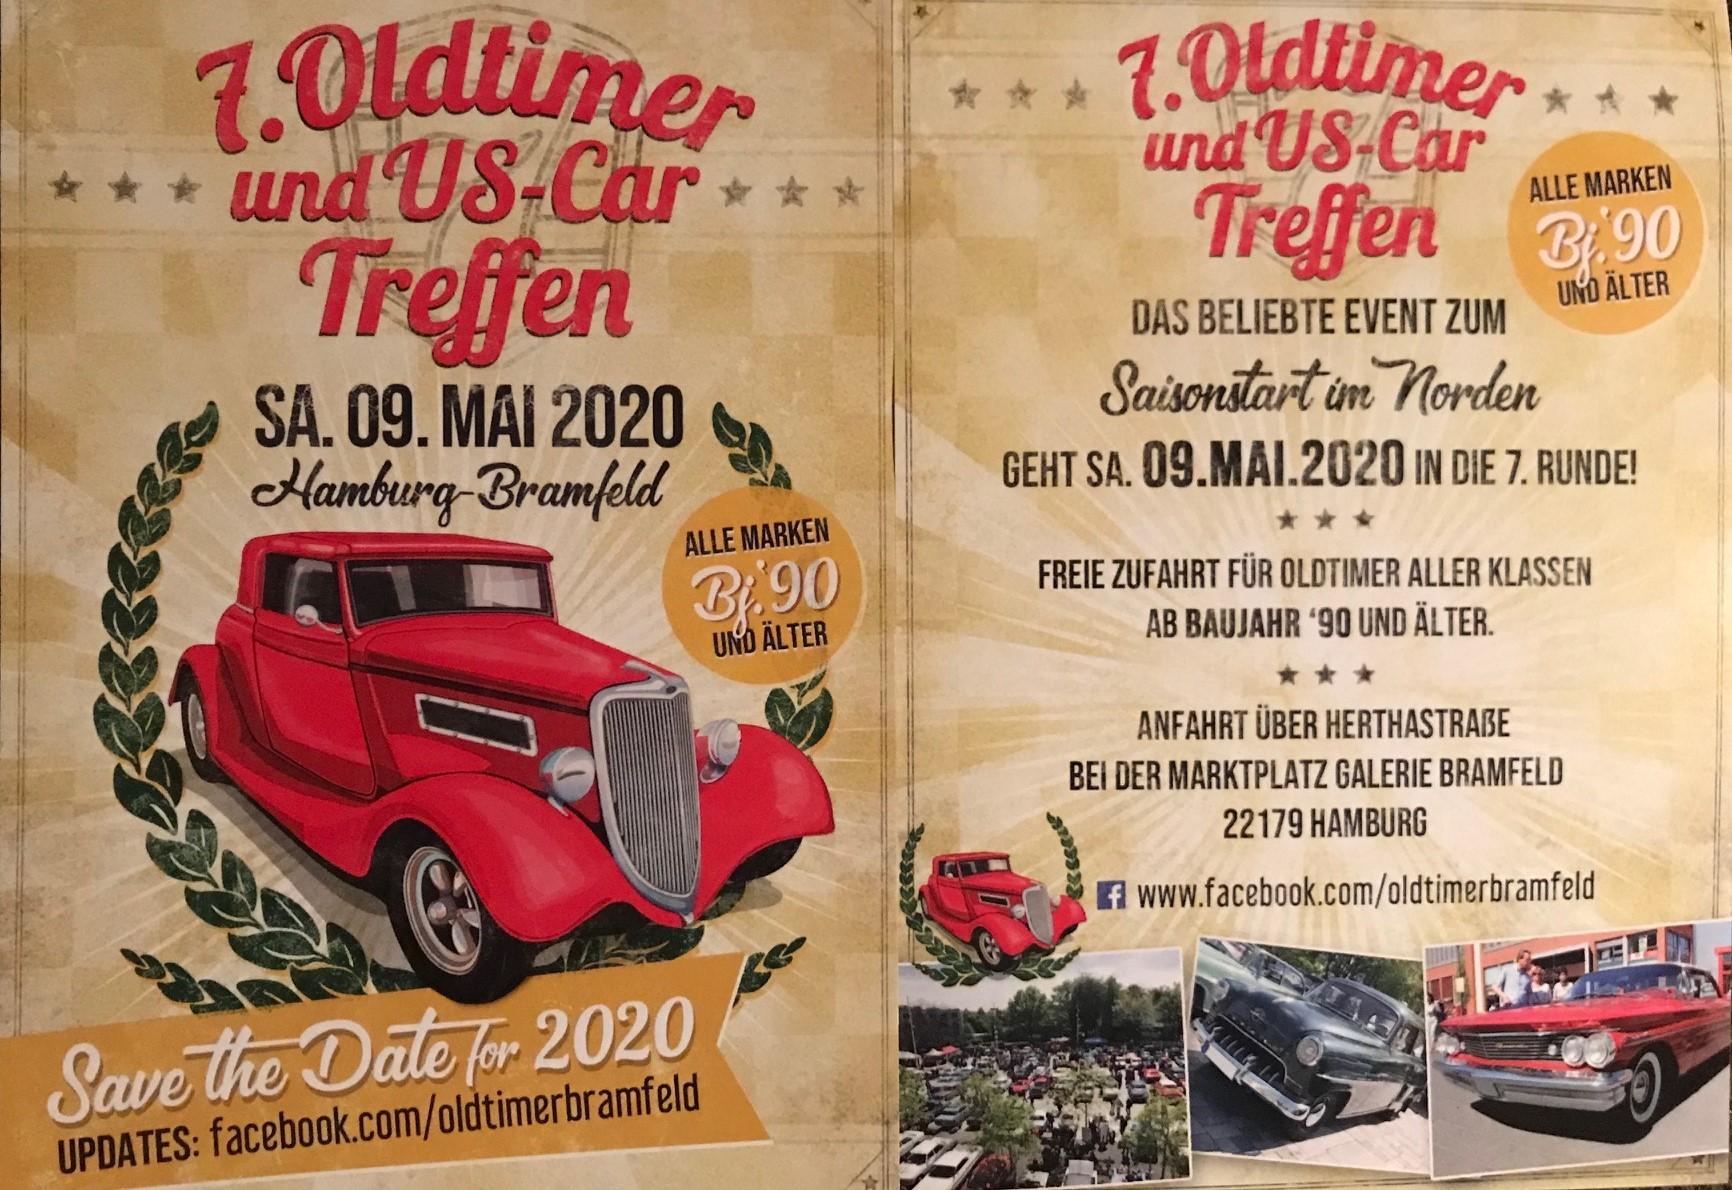 7. Oldtimer und US-Car Treffen Bramfeld am Samstag, den 09. Mai 2020. Der SWAY Books Verlag ist zusammen mit Antje Höhne von Kavaliere & Stadtschönheiten vor Ort.